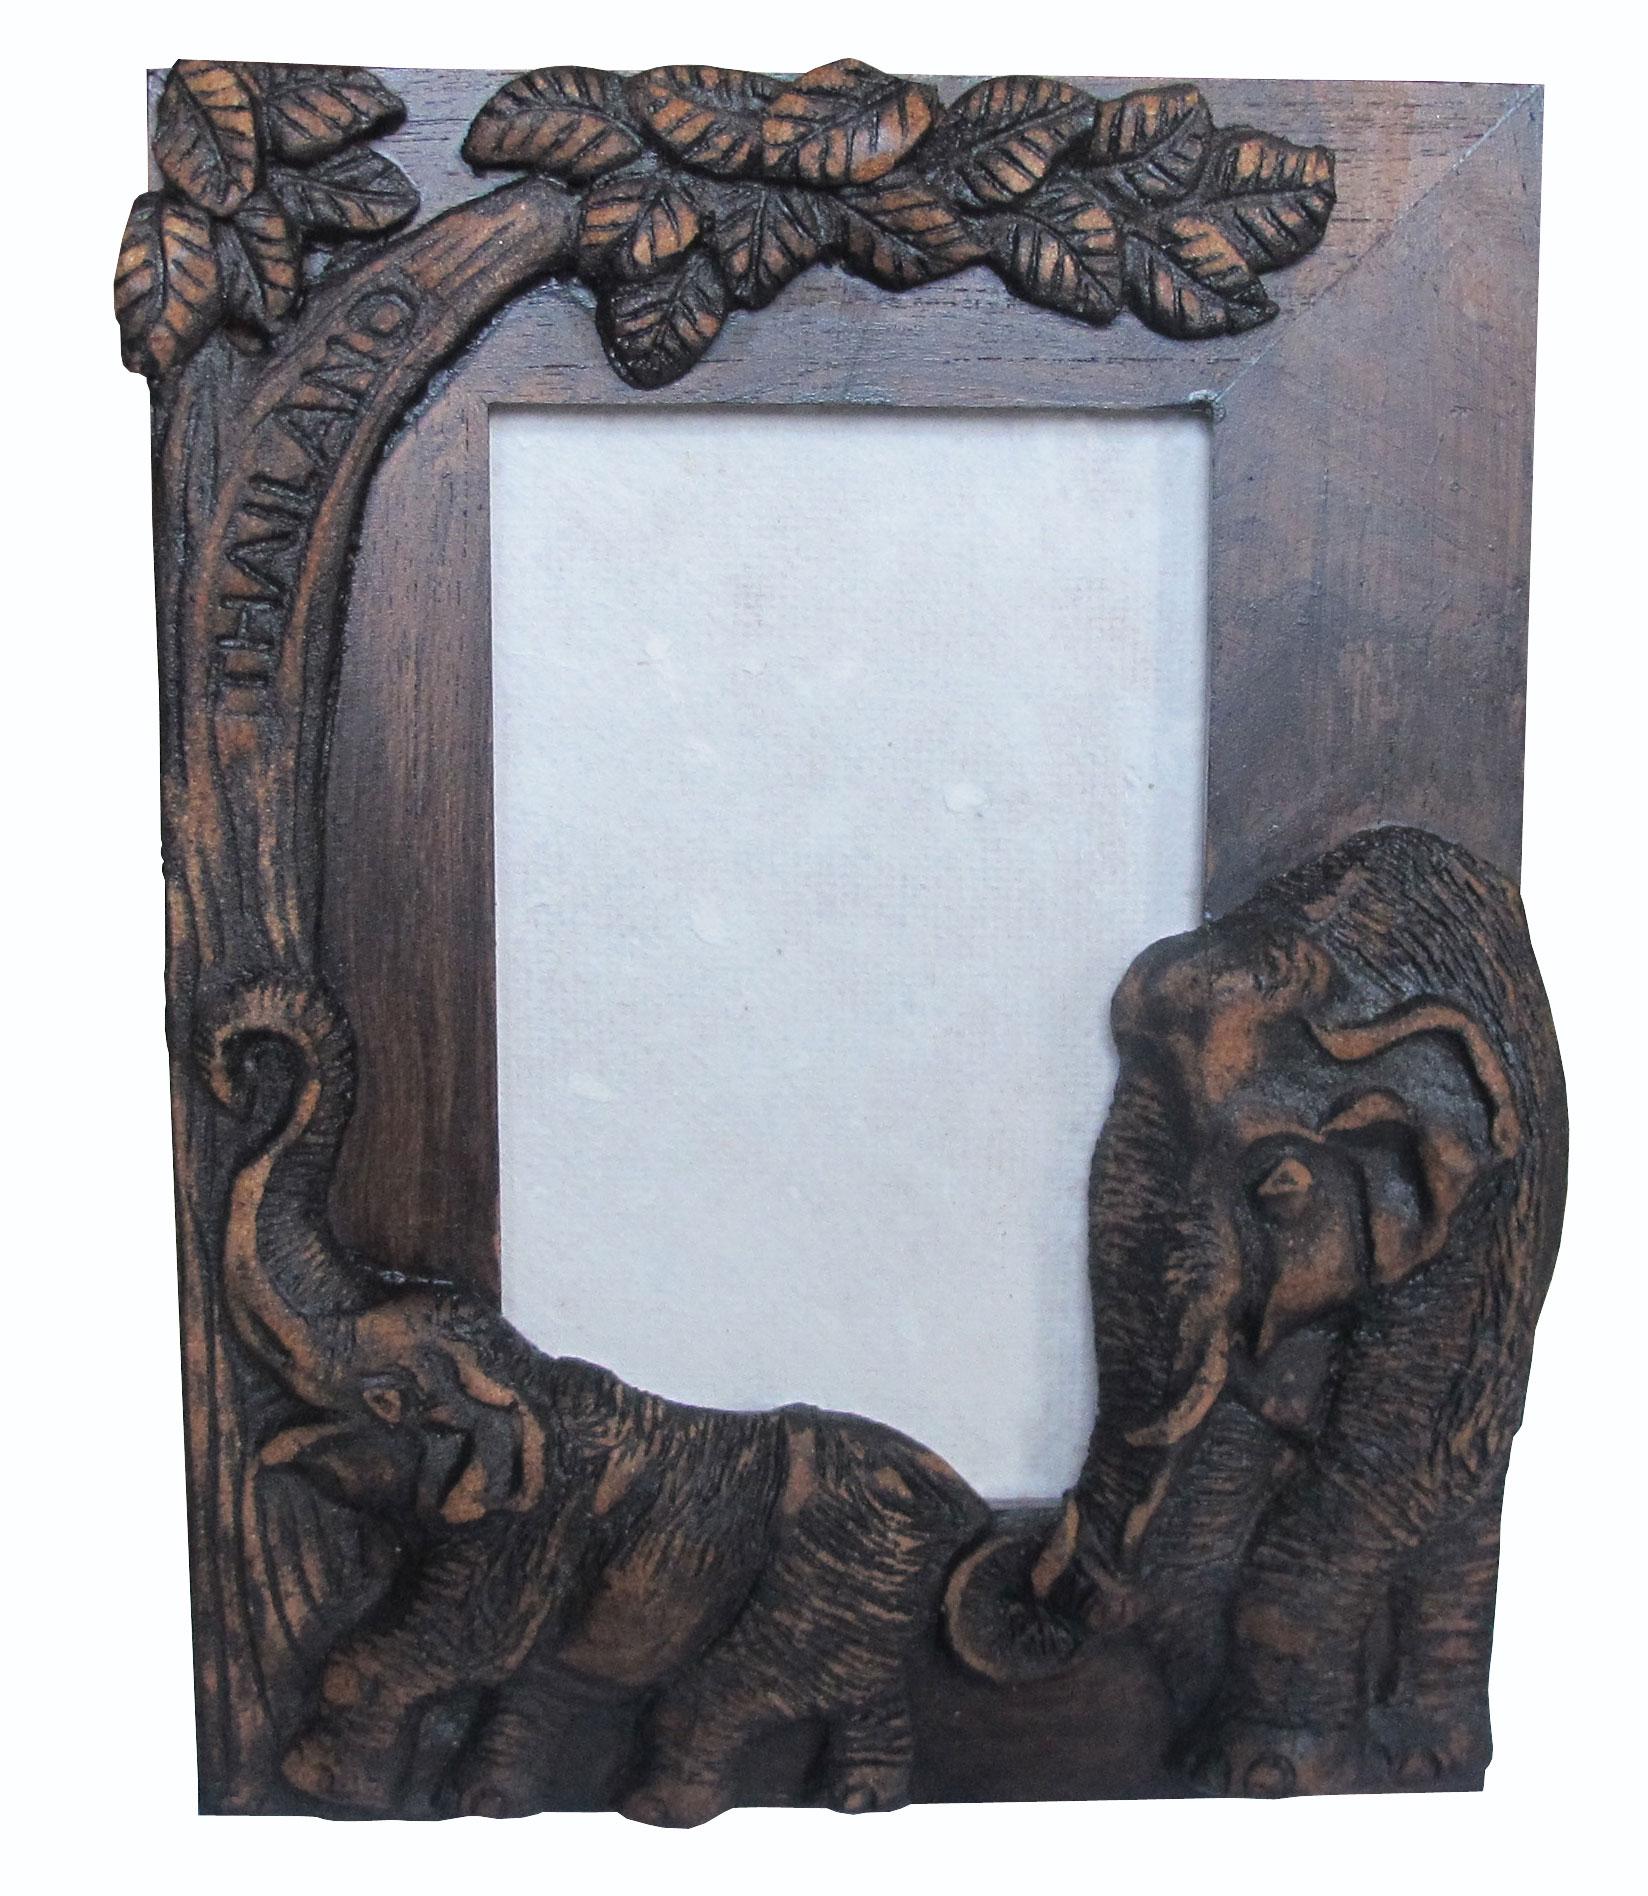 กรอบรูป ลวดลายช้างไทย ทำจากไม้ลวดลายสวยงาม เป็นสินค้าที่เรอค้ามาก